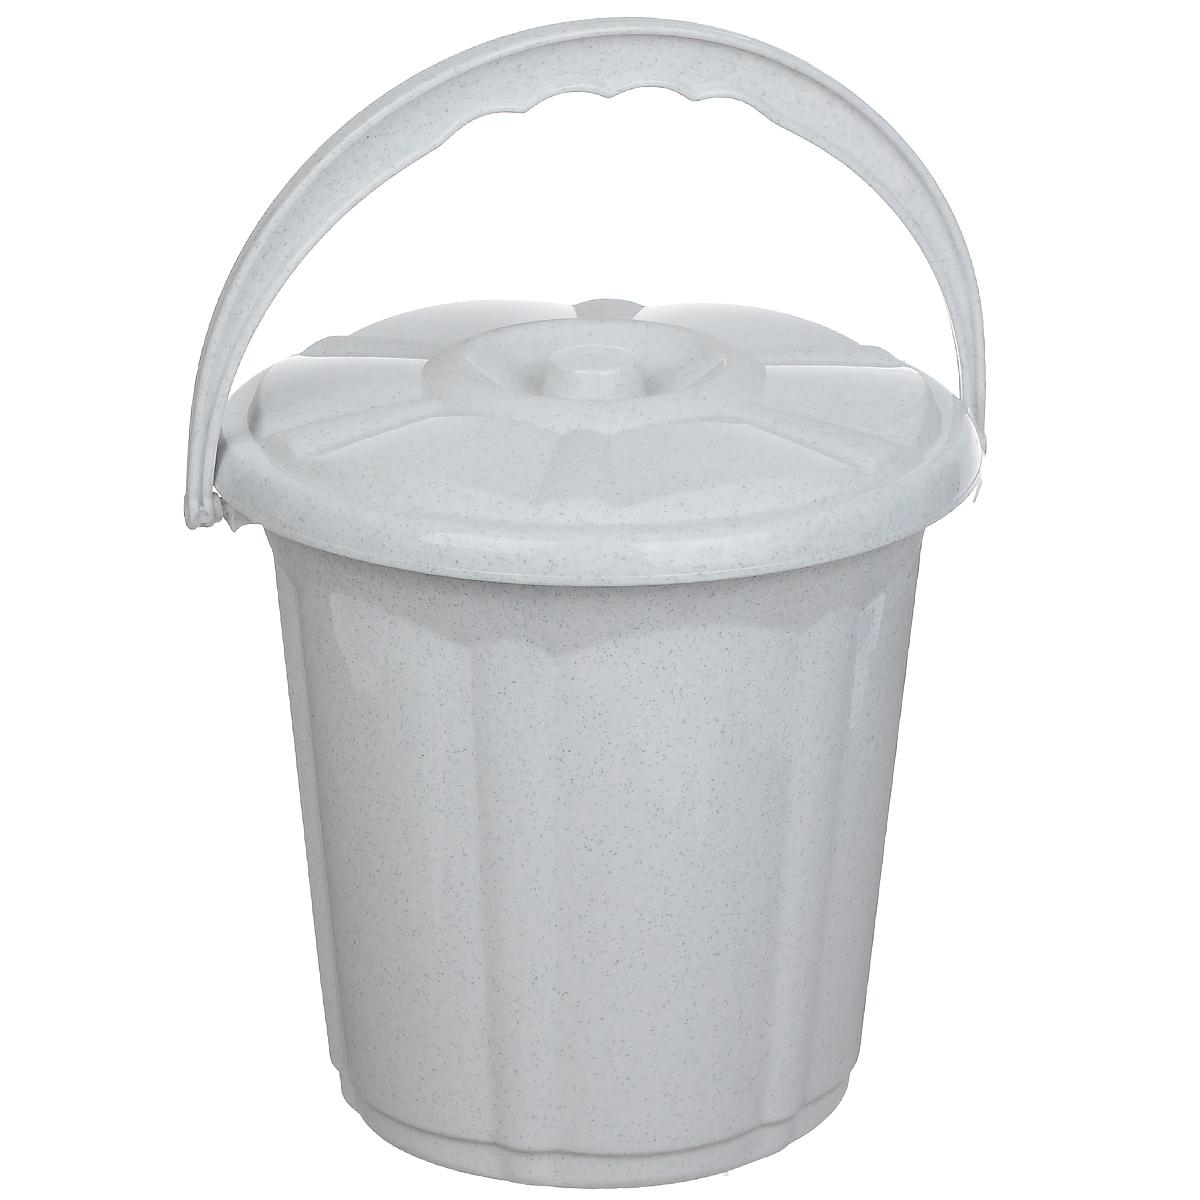 Ведро Dunya Plastik Стиль, с крышкой, цвет: белый, 5 л9101 белыйВедро Dunya Plastik Стиль изготовлено из прочного пластика. Ведро оснащено плотно закрывающейся крышкой и удобной ручкой. Такое ведро прекрасно подойдет для различных хозяйственных нужд: для уборки или хранения мусора. Диаметр ведра (по верхнему краю): 20,5 см. Высота (без учета крышки): 20 см.